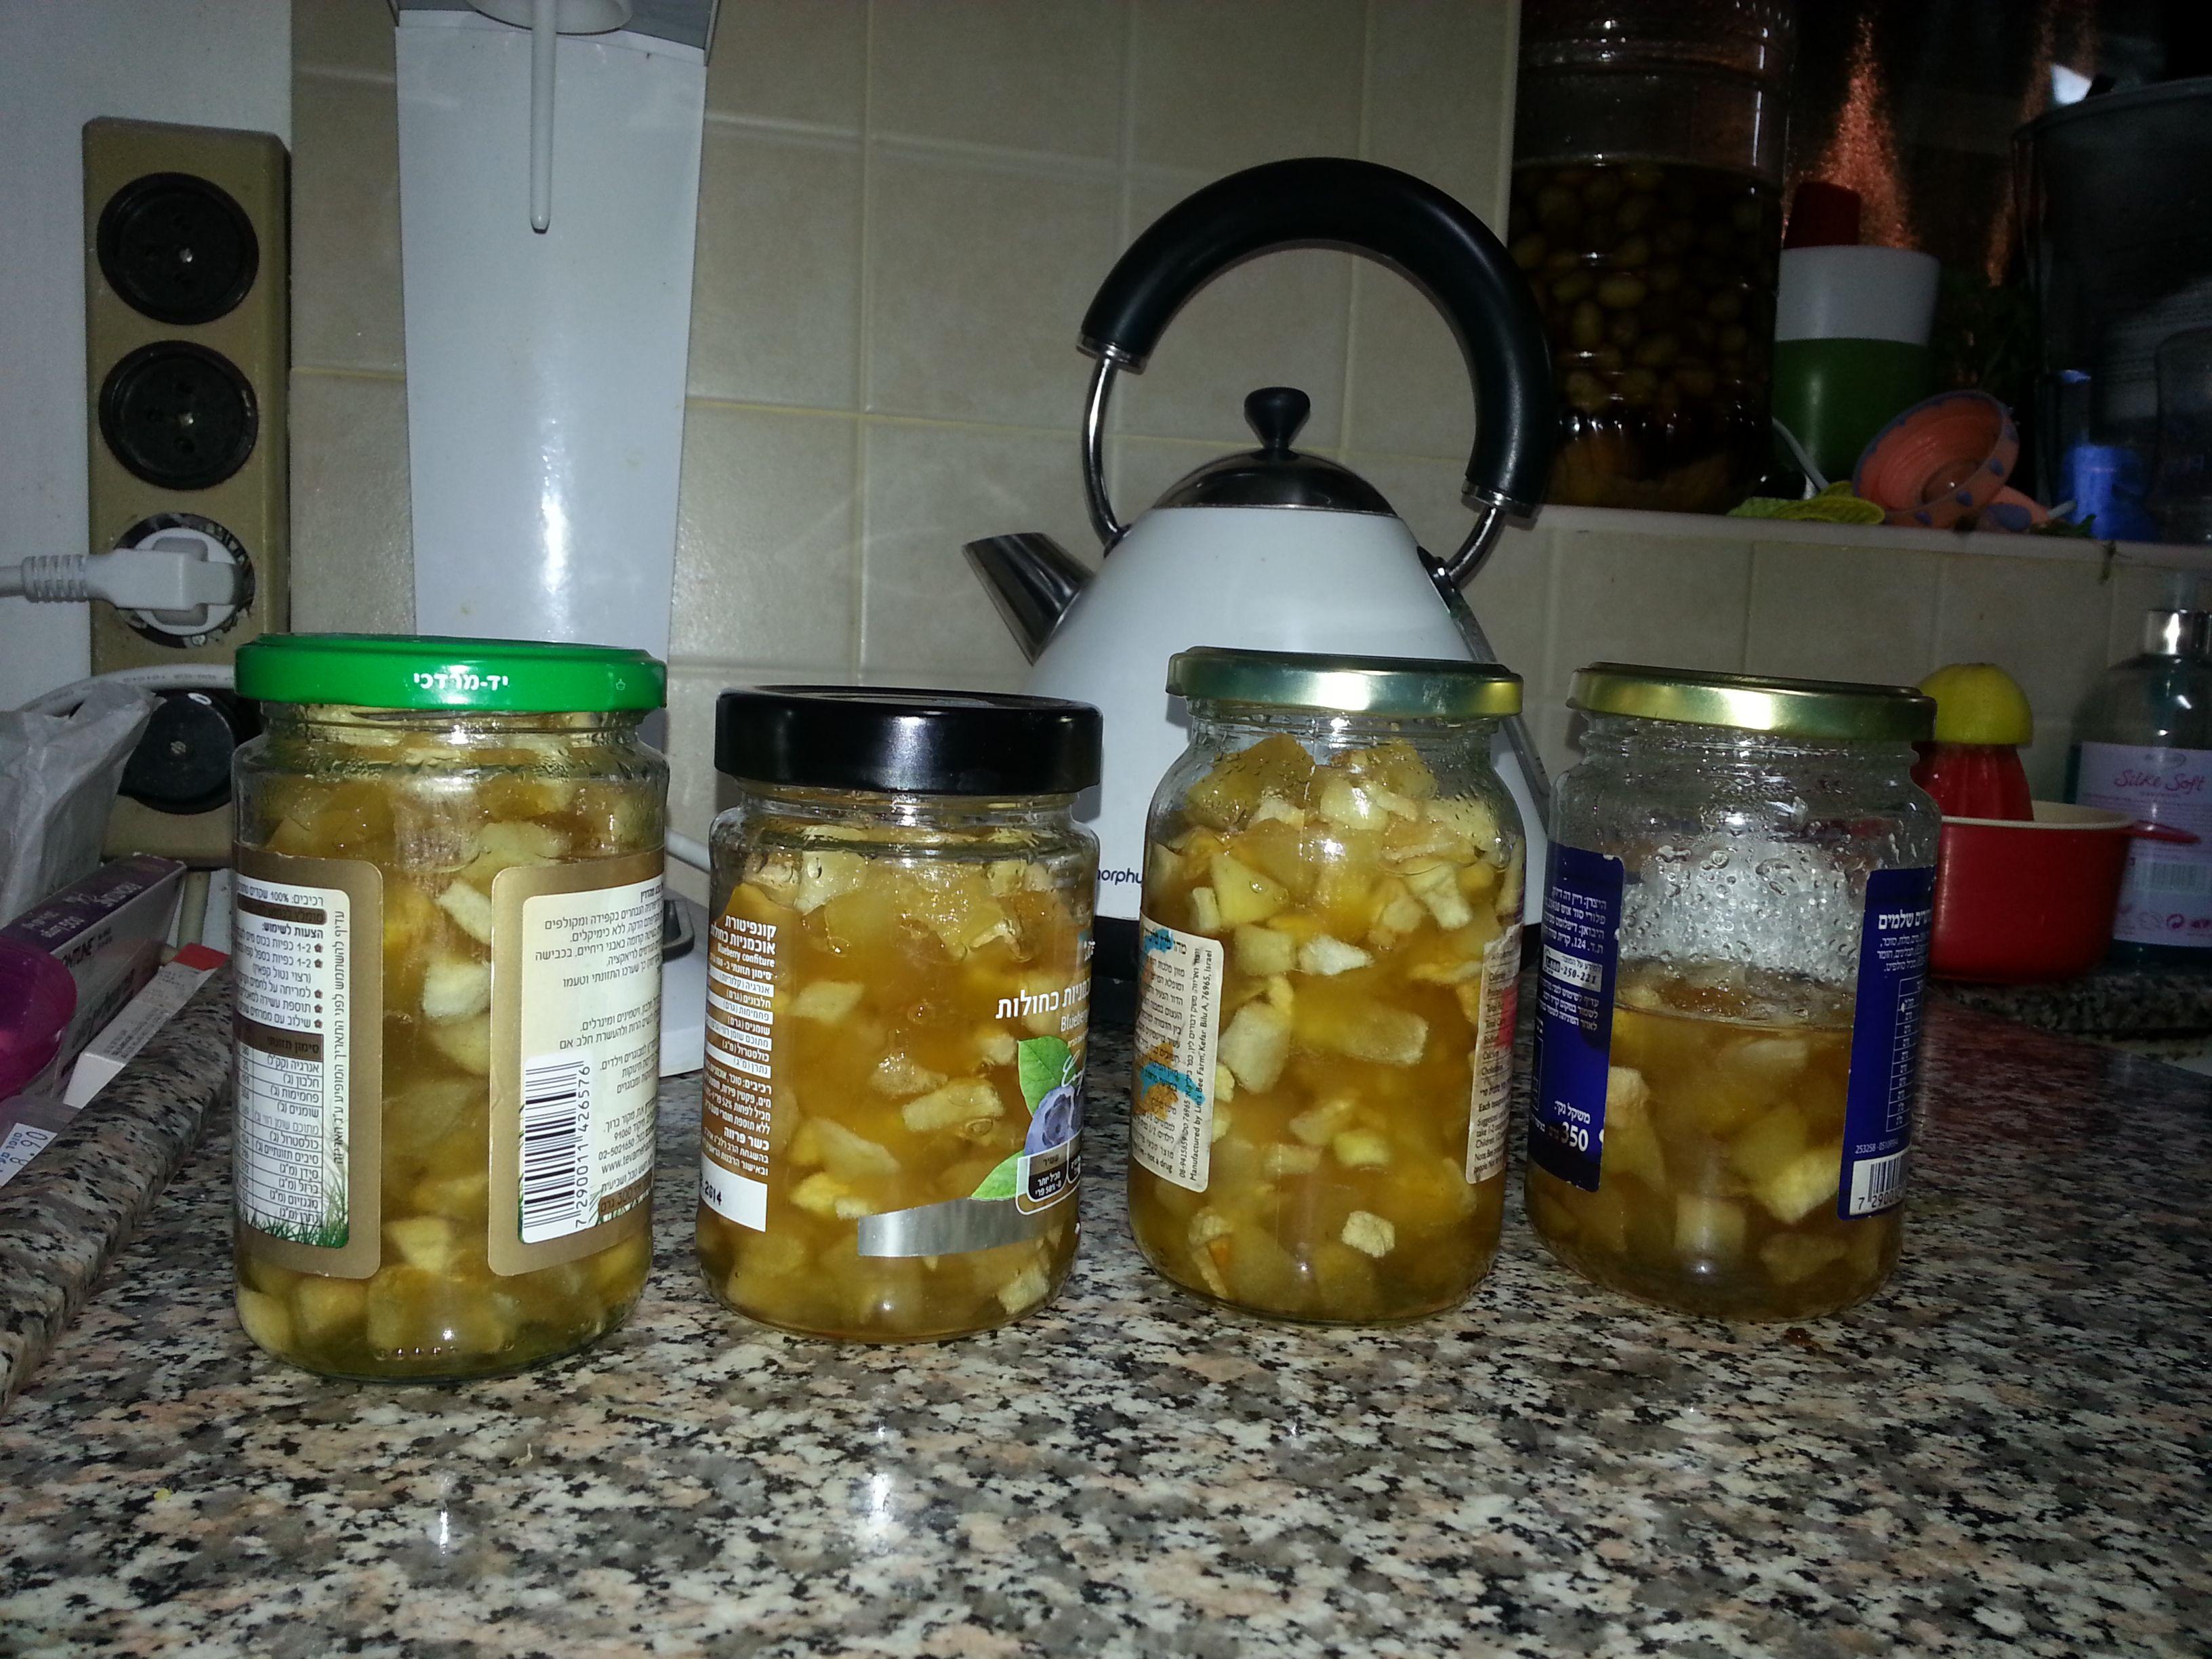 d7a8d799d791d7aa d7aad7a4d795d797d799d79d - קונפיטורת תפוחים